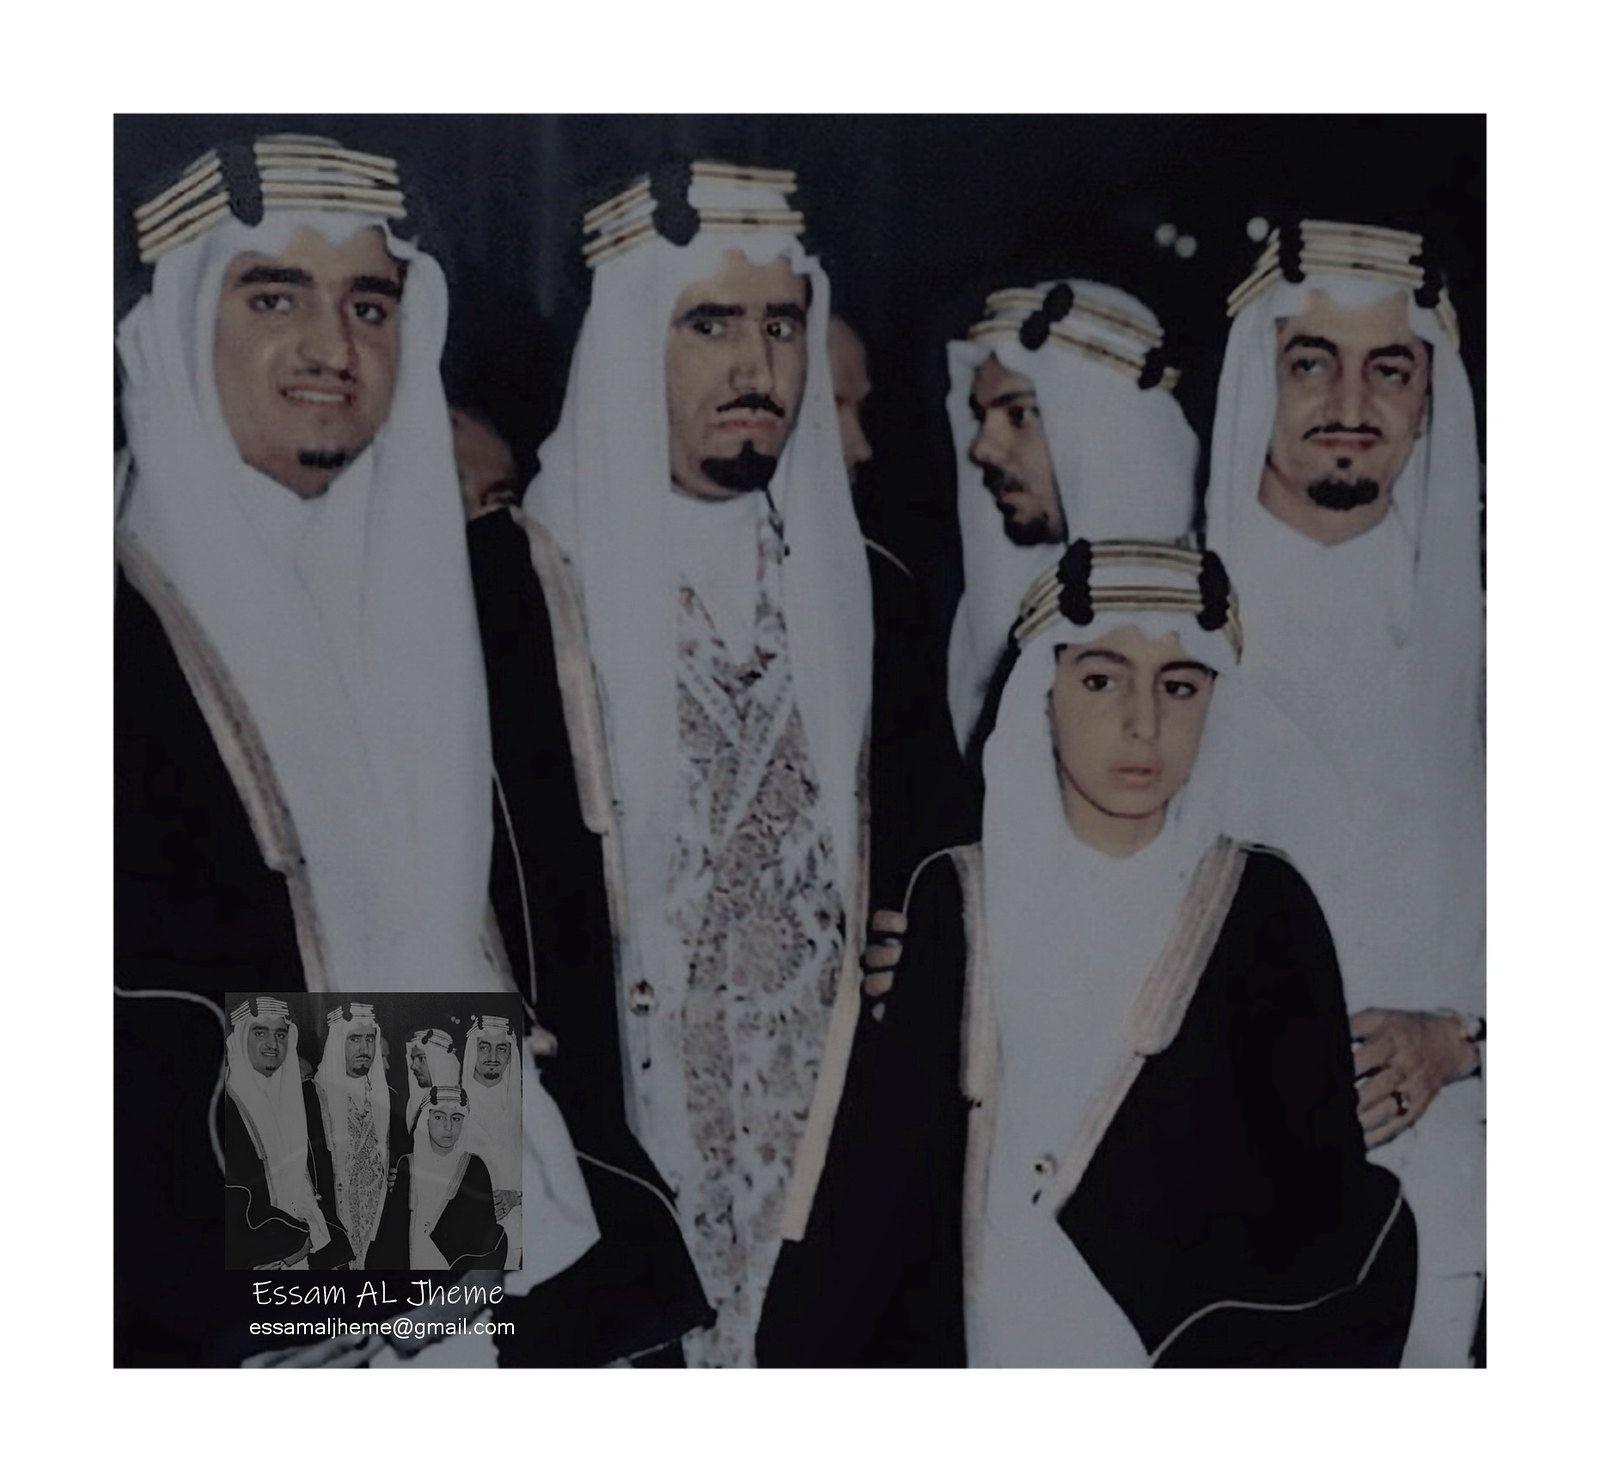 الأمير عبدالله بن سعود بن عبدالعزيز آل سعود